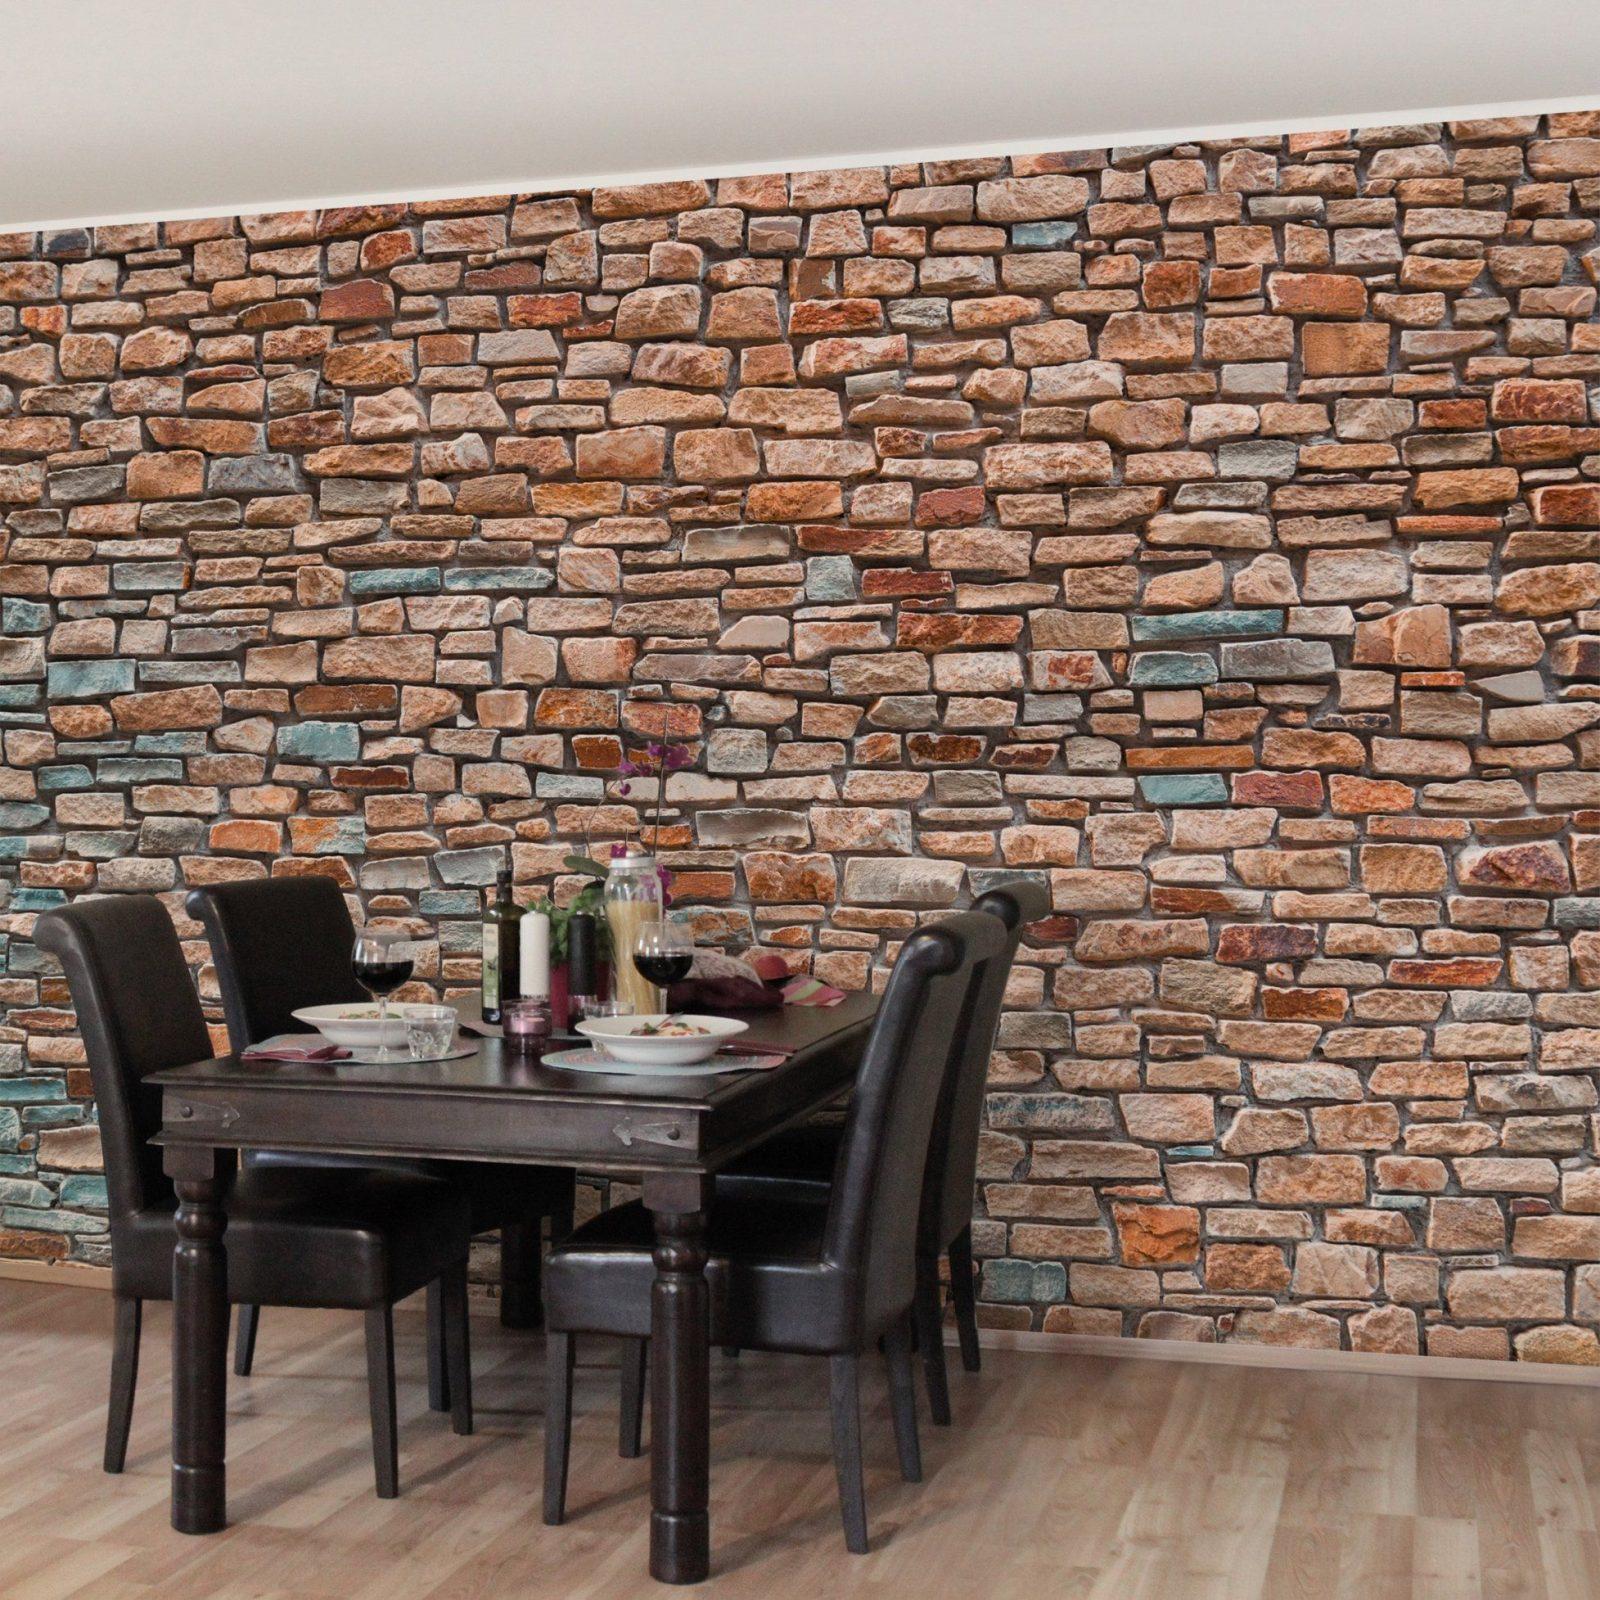 Frisch Tapete Steinoptik Wohnzimmer Schema von Tapete In Steinoptik Wohnzimmer Bild